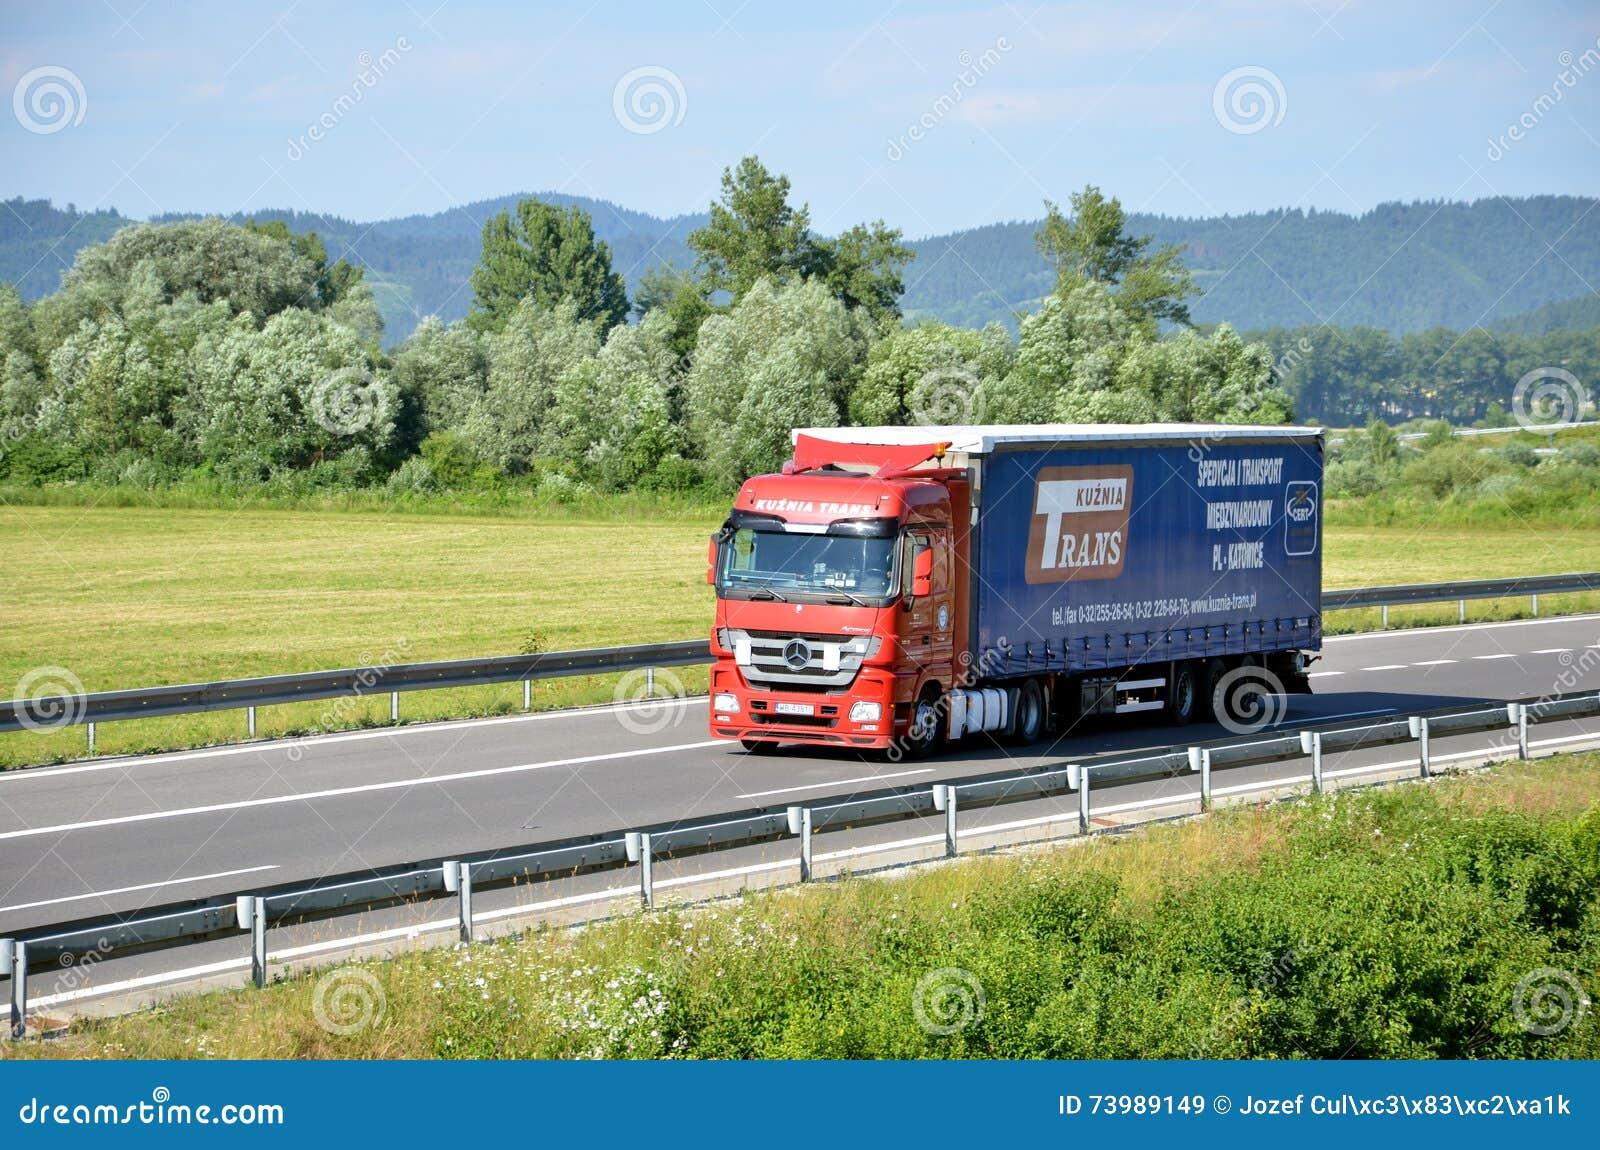 Truck Pricess: Mercedes Benz Truck Prices